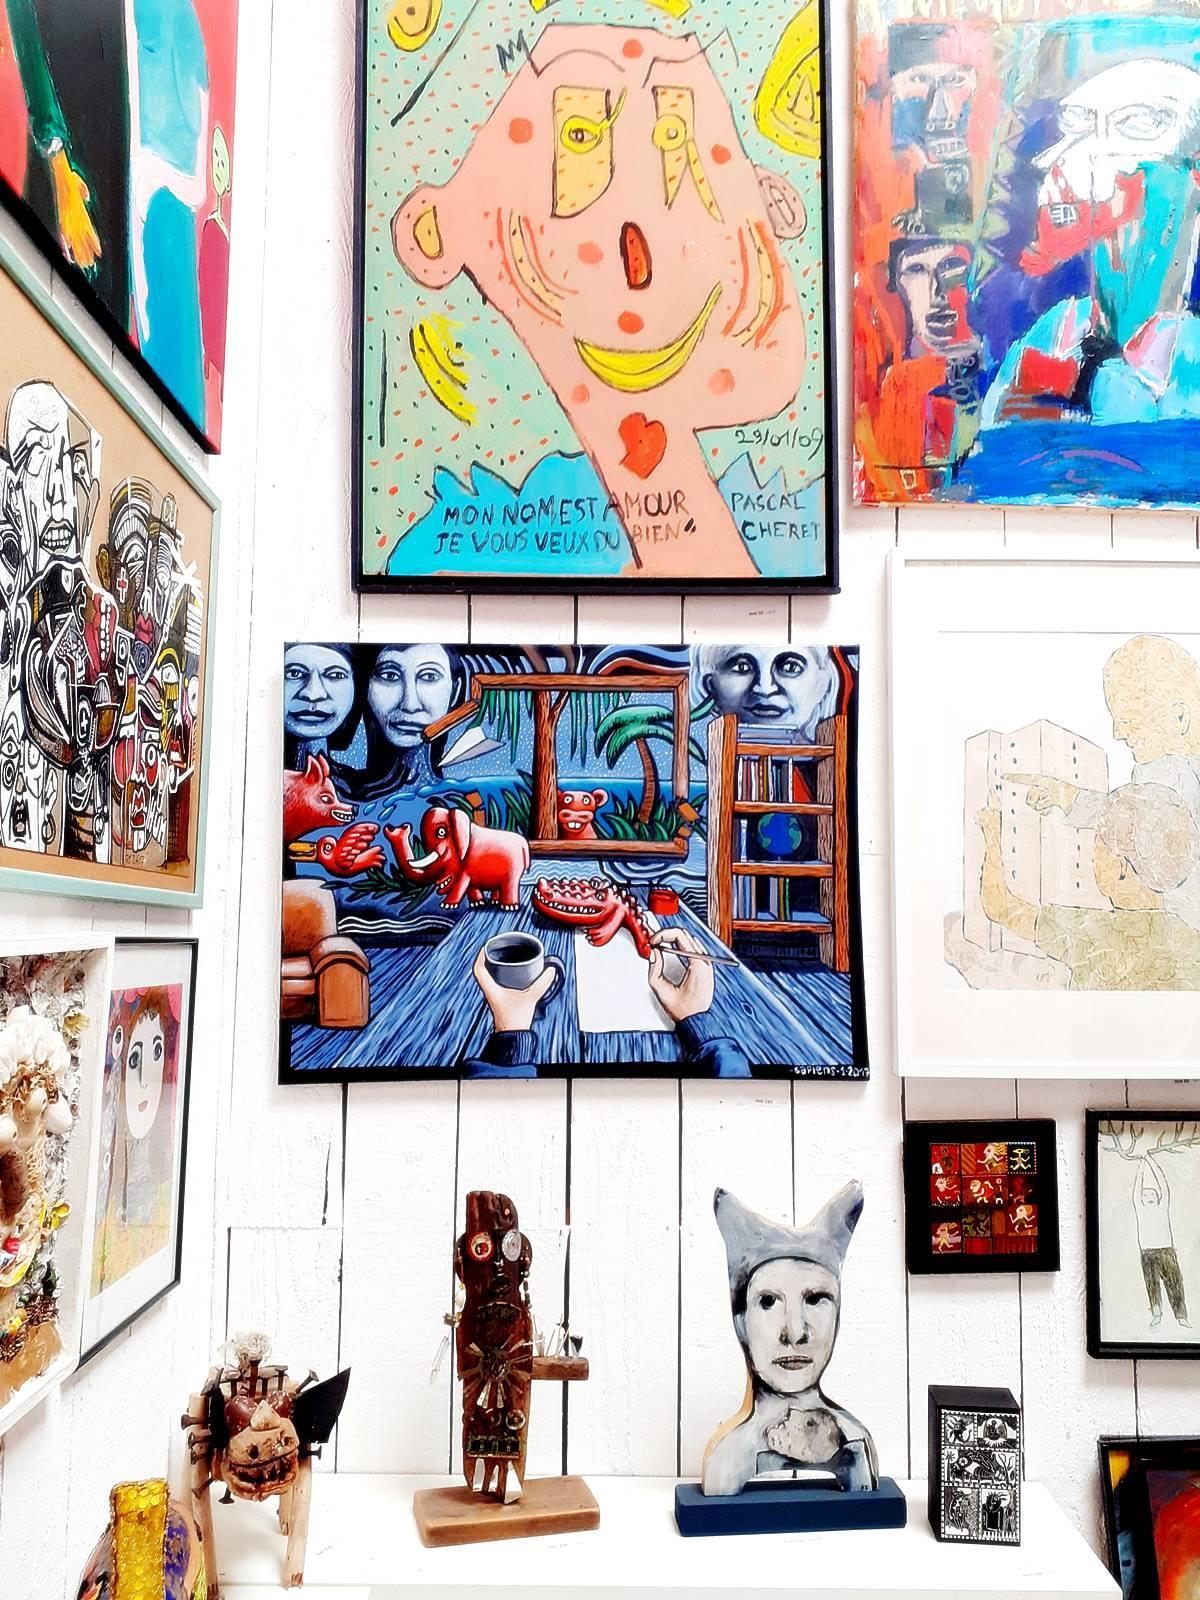 Hang art saffre loire atlantique musee20200613 131121